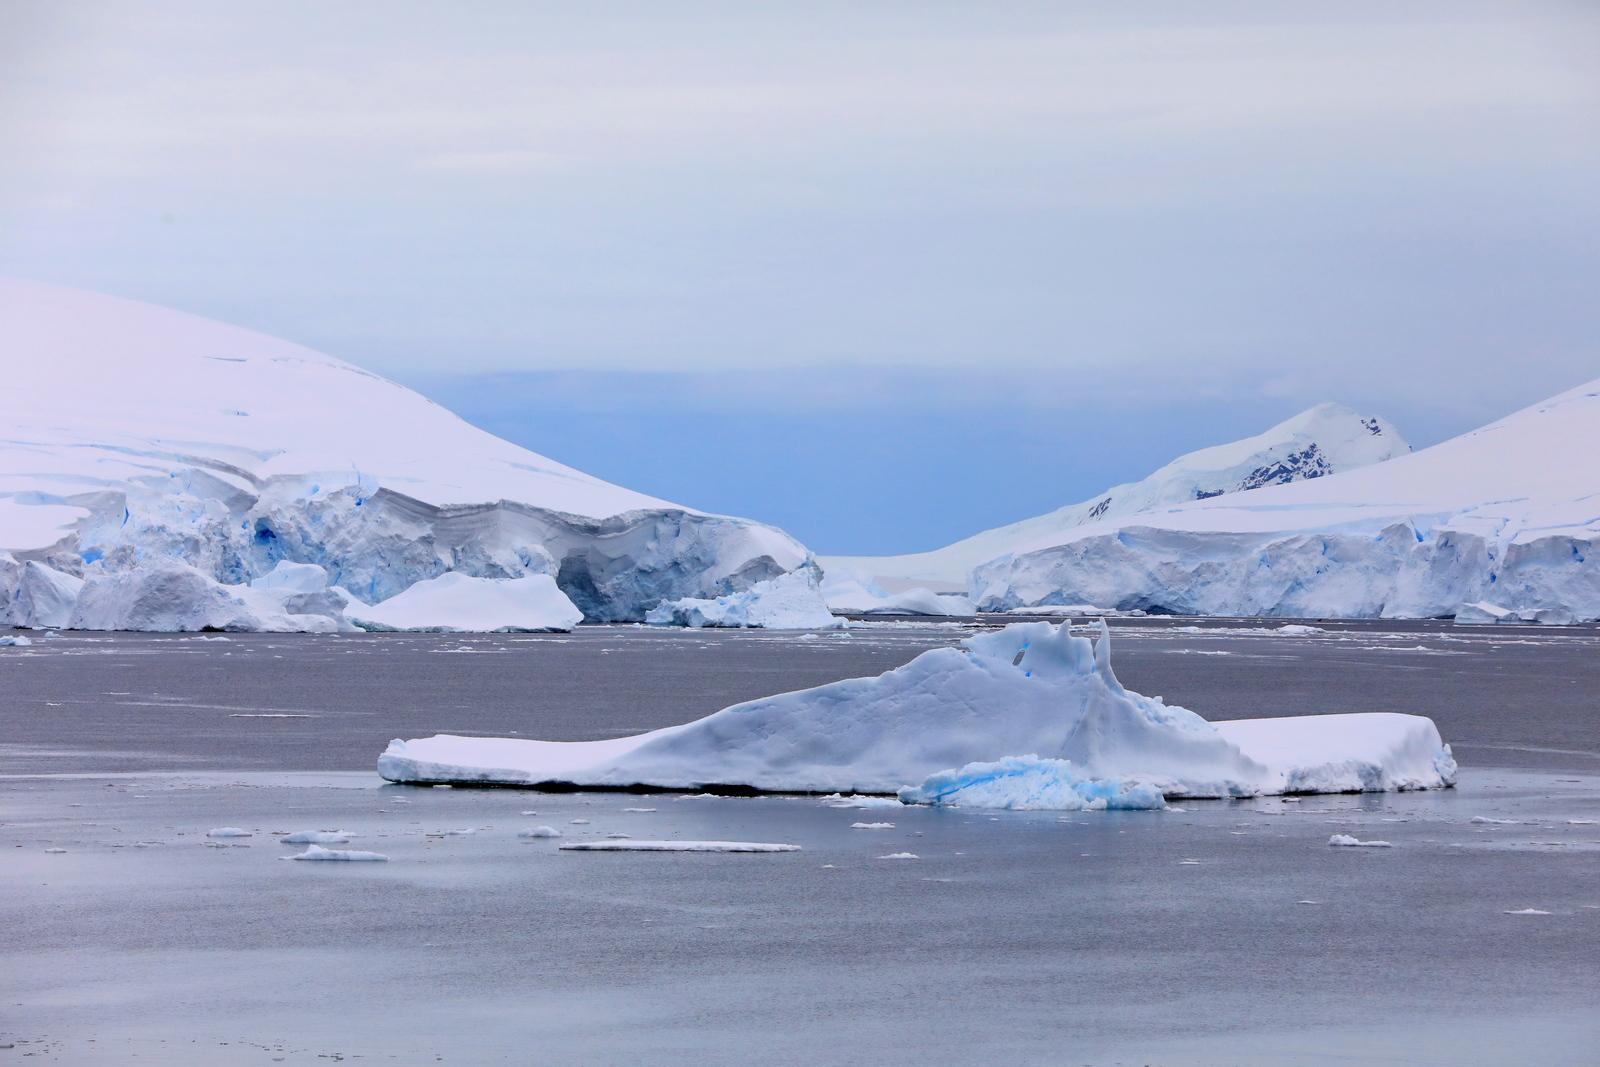 1702_Antarctique_04097_c_sm.jpg